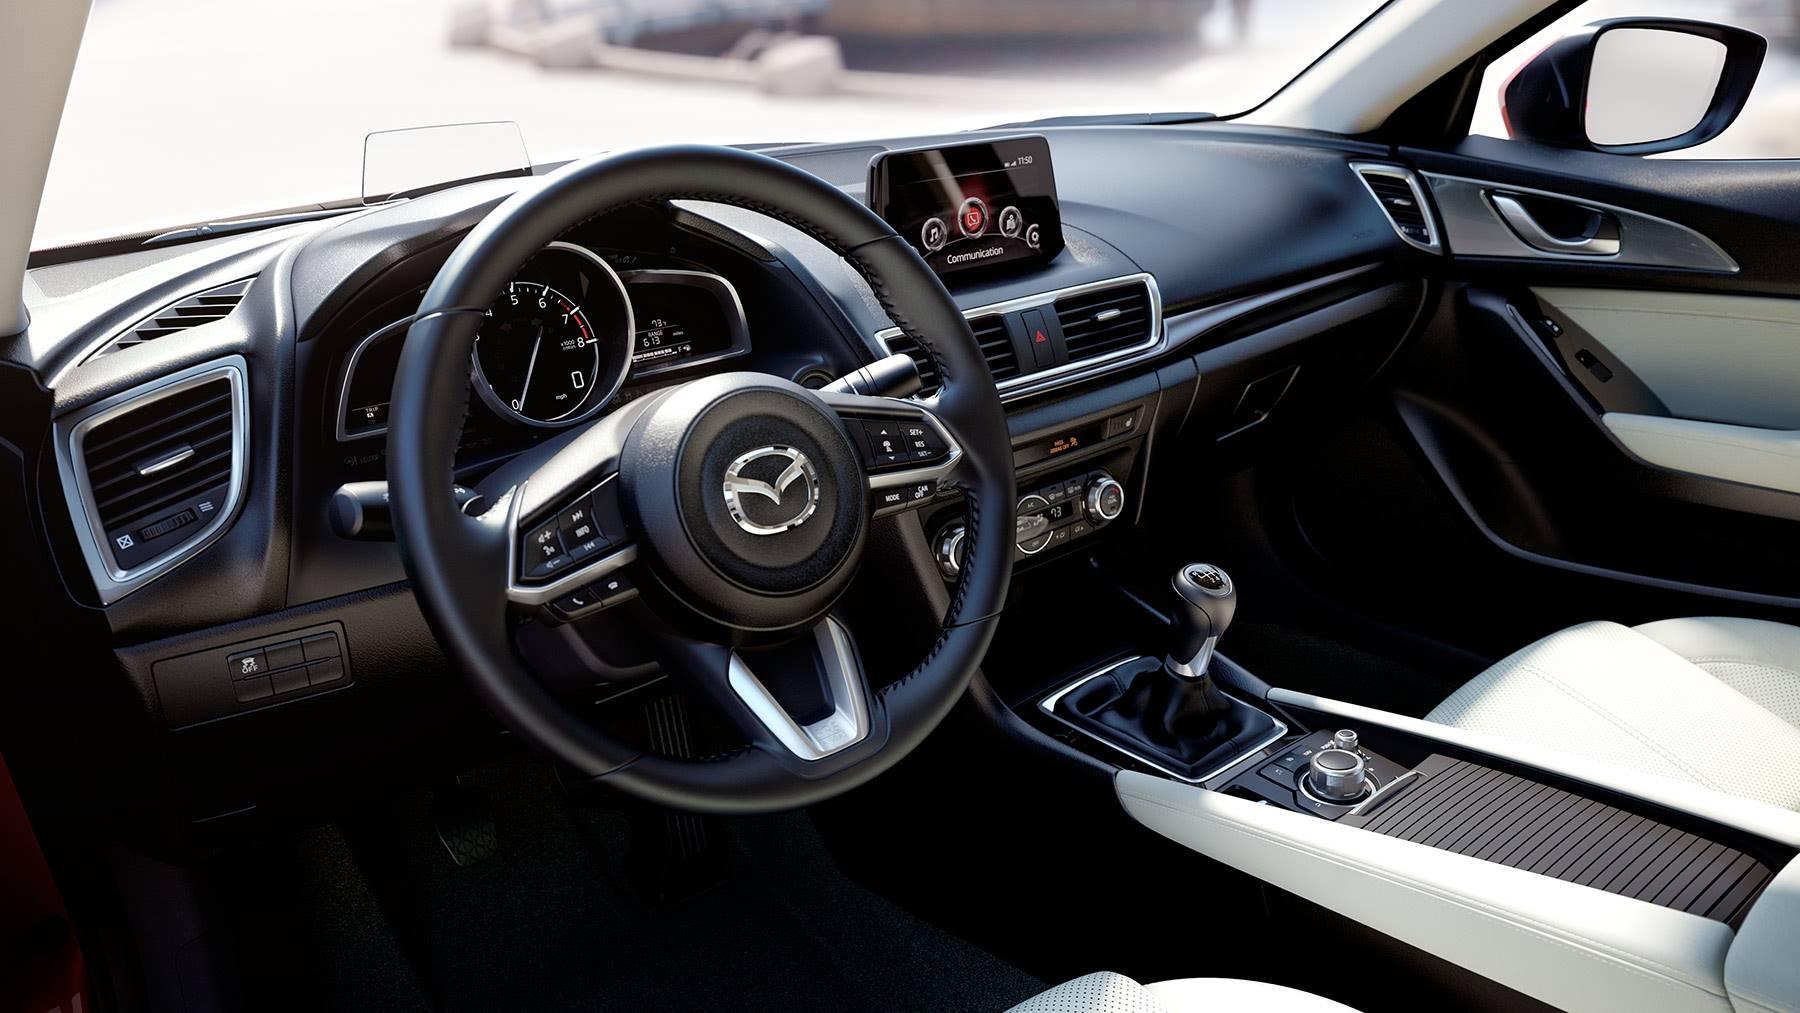 2018 Mazda3 Center Console